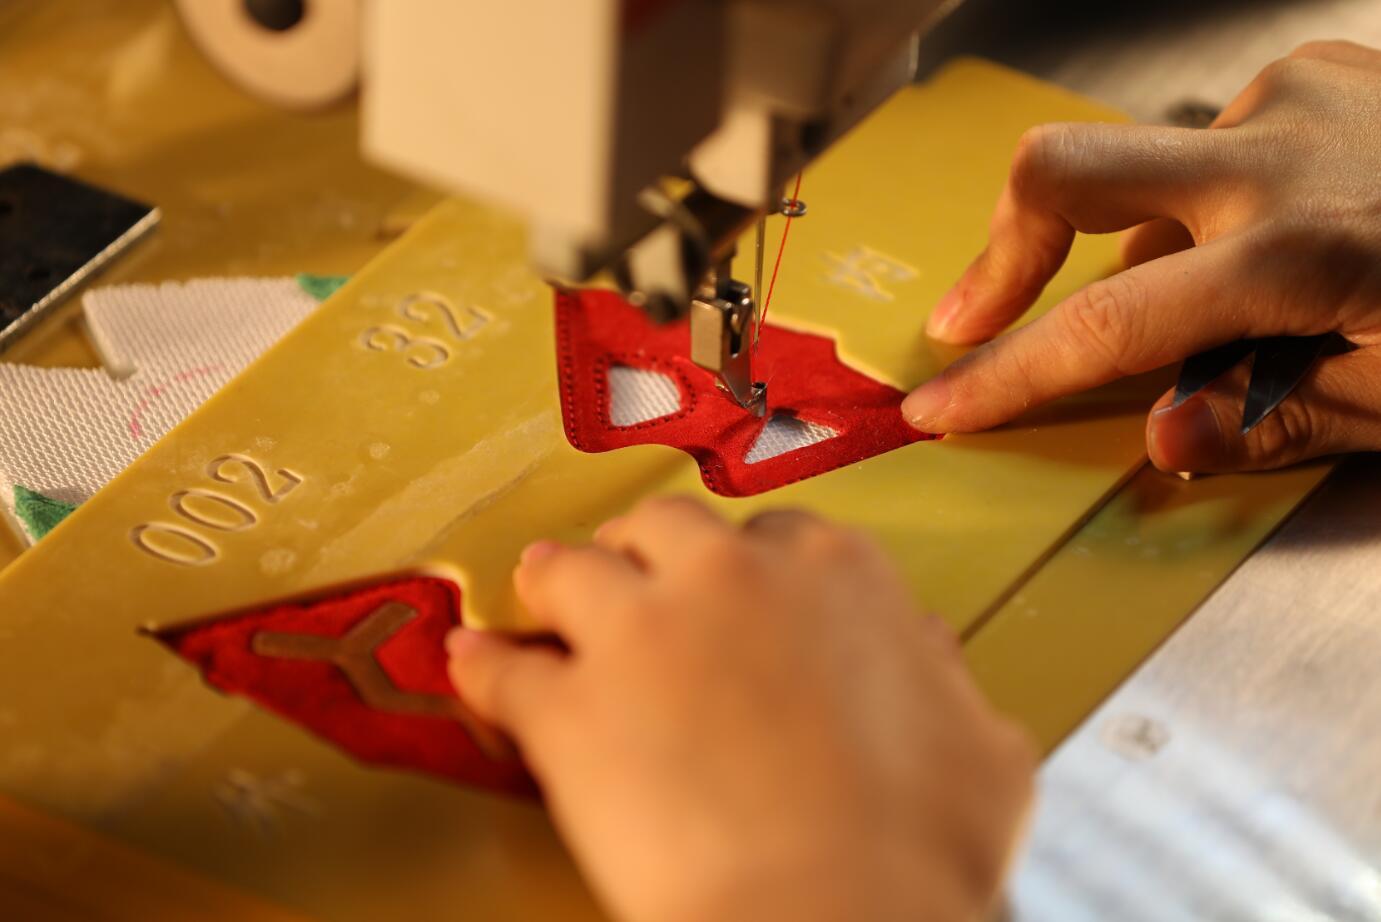 造访BANDZ班队长工厂 | 一探究竟:一双好鞋如何制成?